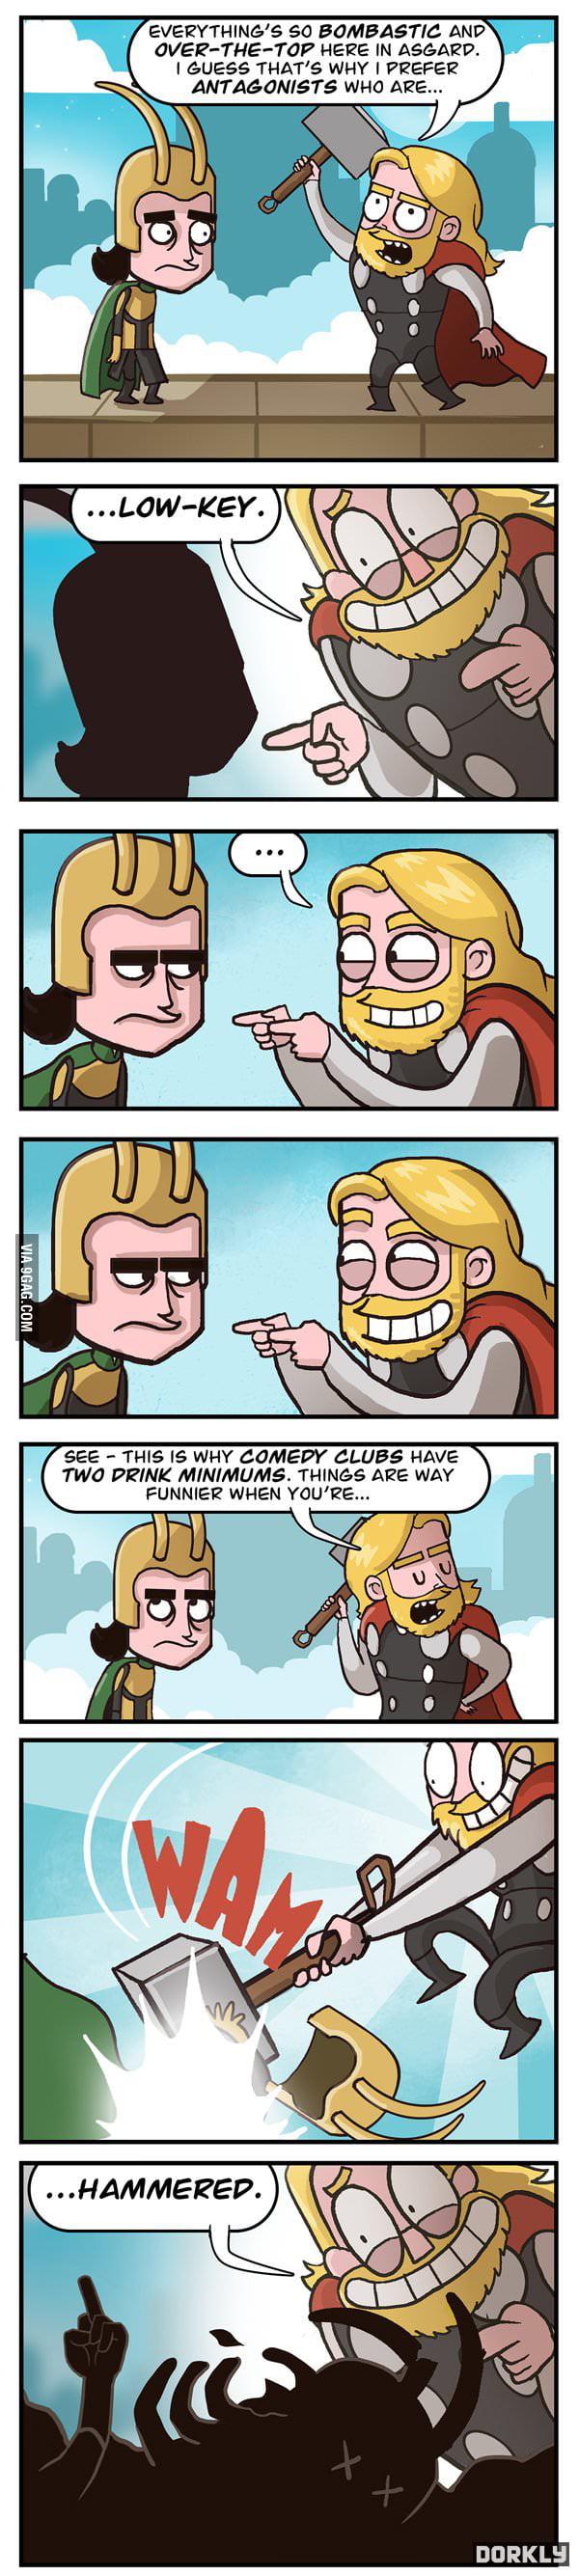 Thor-ific Puns